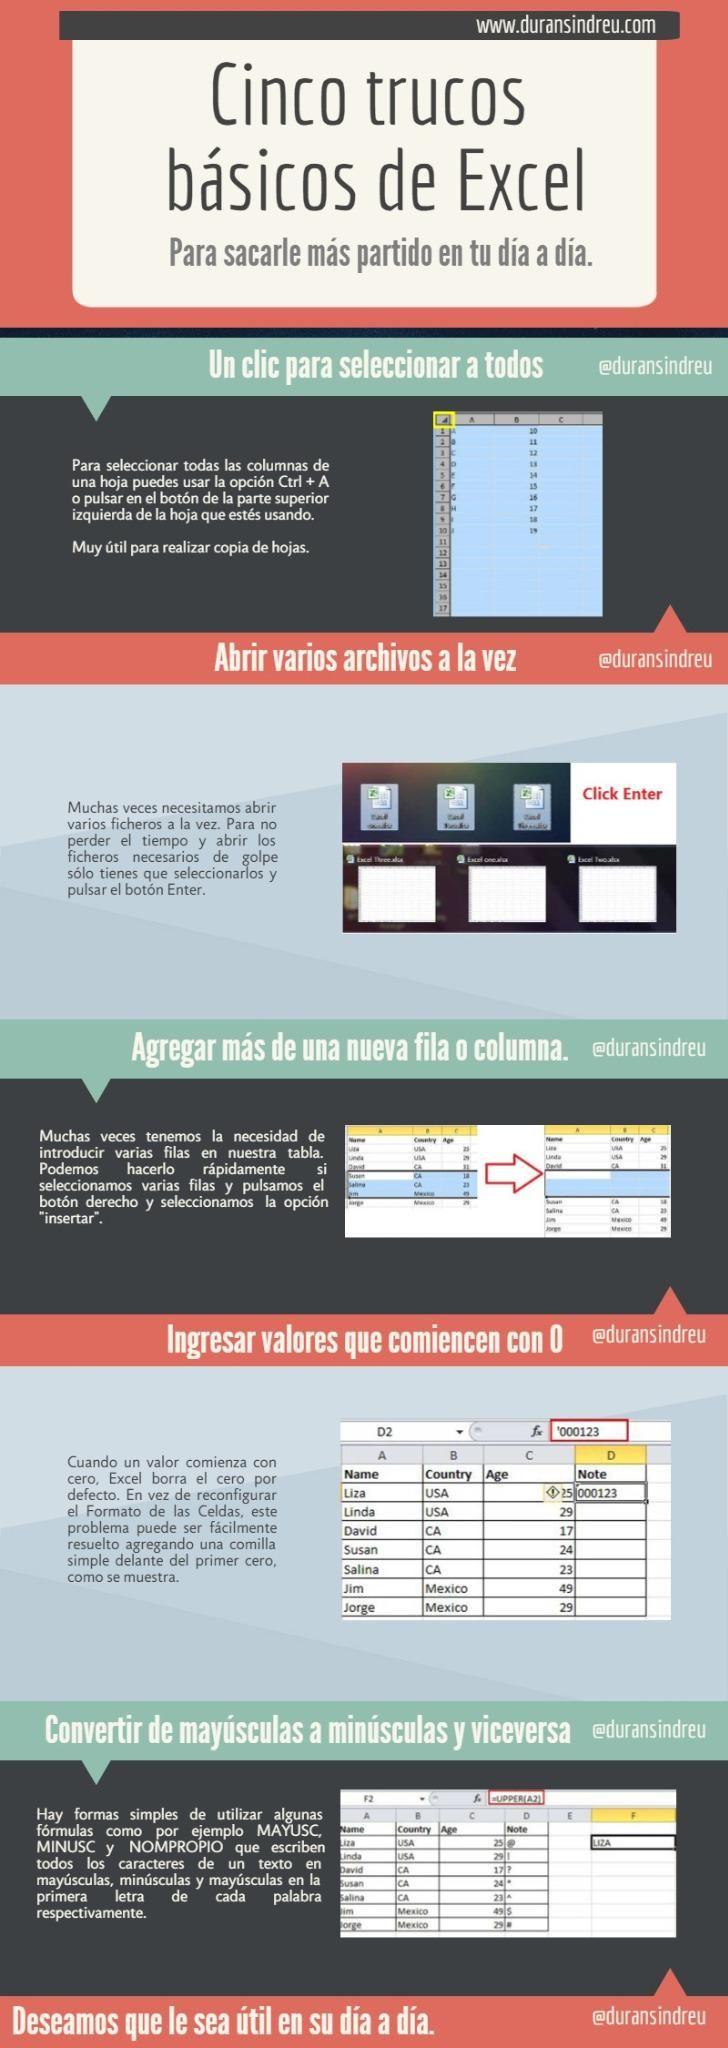 5 trucos básicos de Excell.- #infografía #sm http://joseantonioantolin.com/5-trucos-basicos-de-excell-infografia/